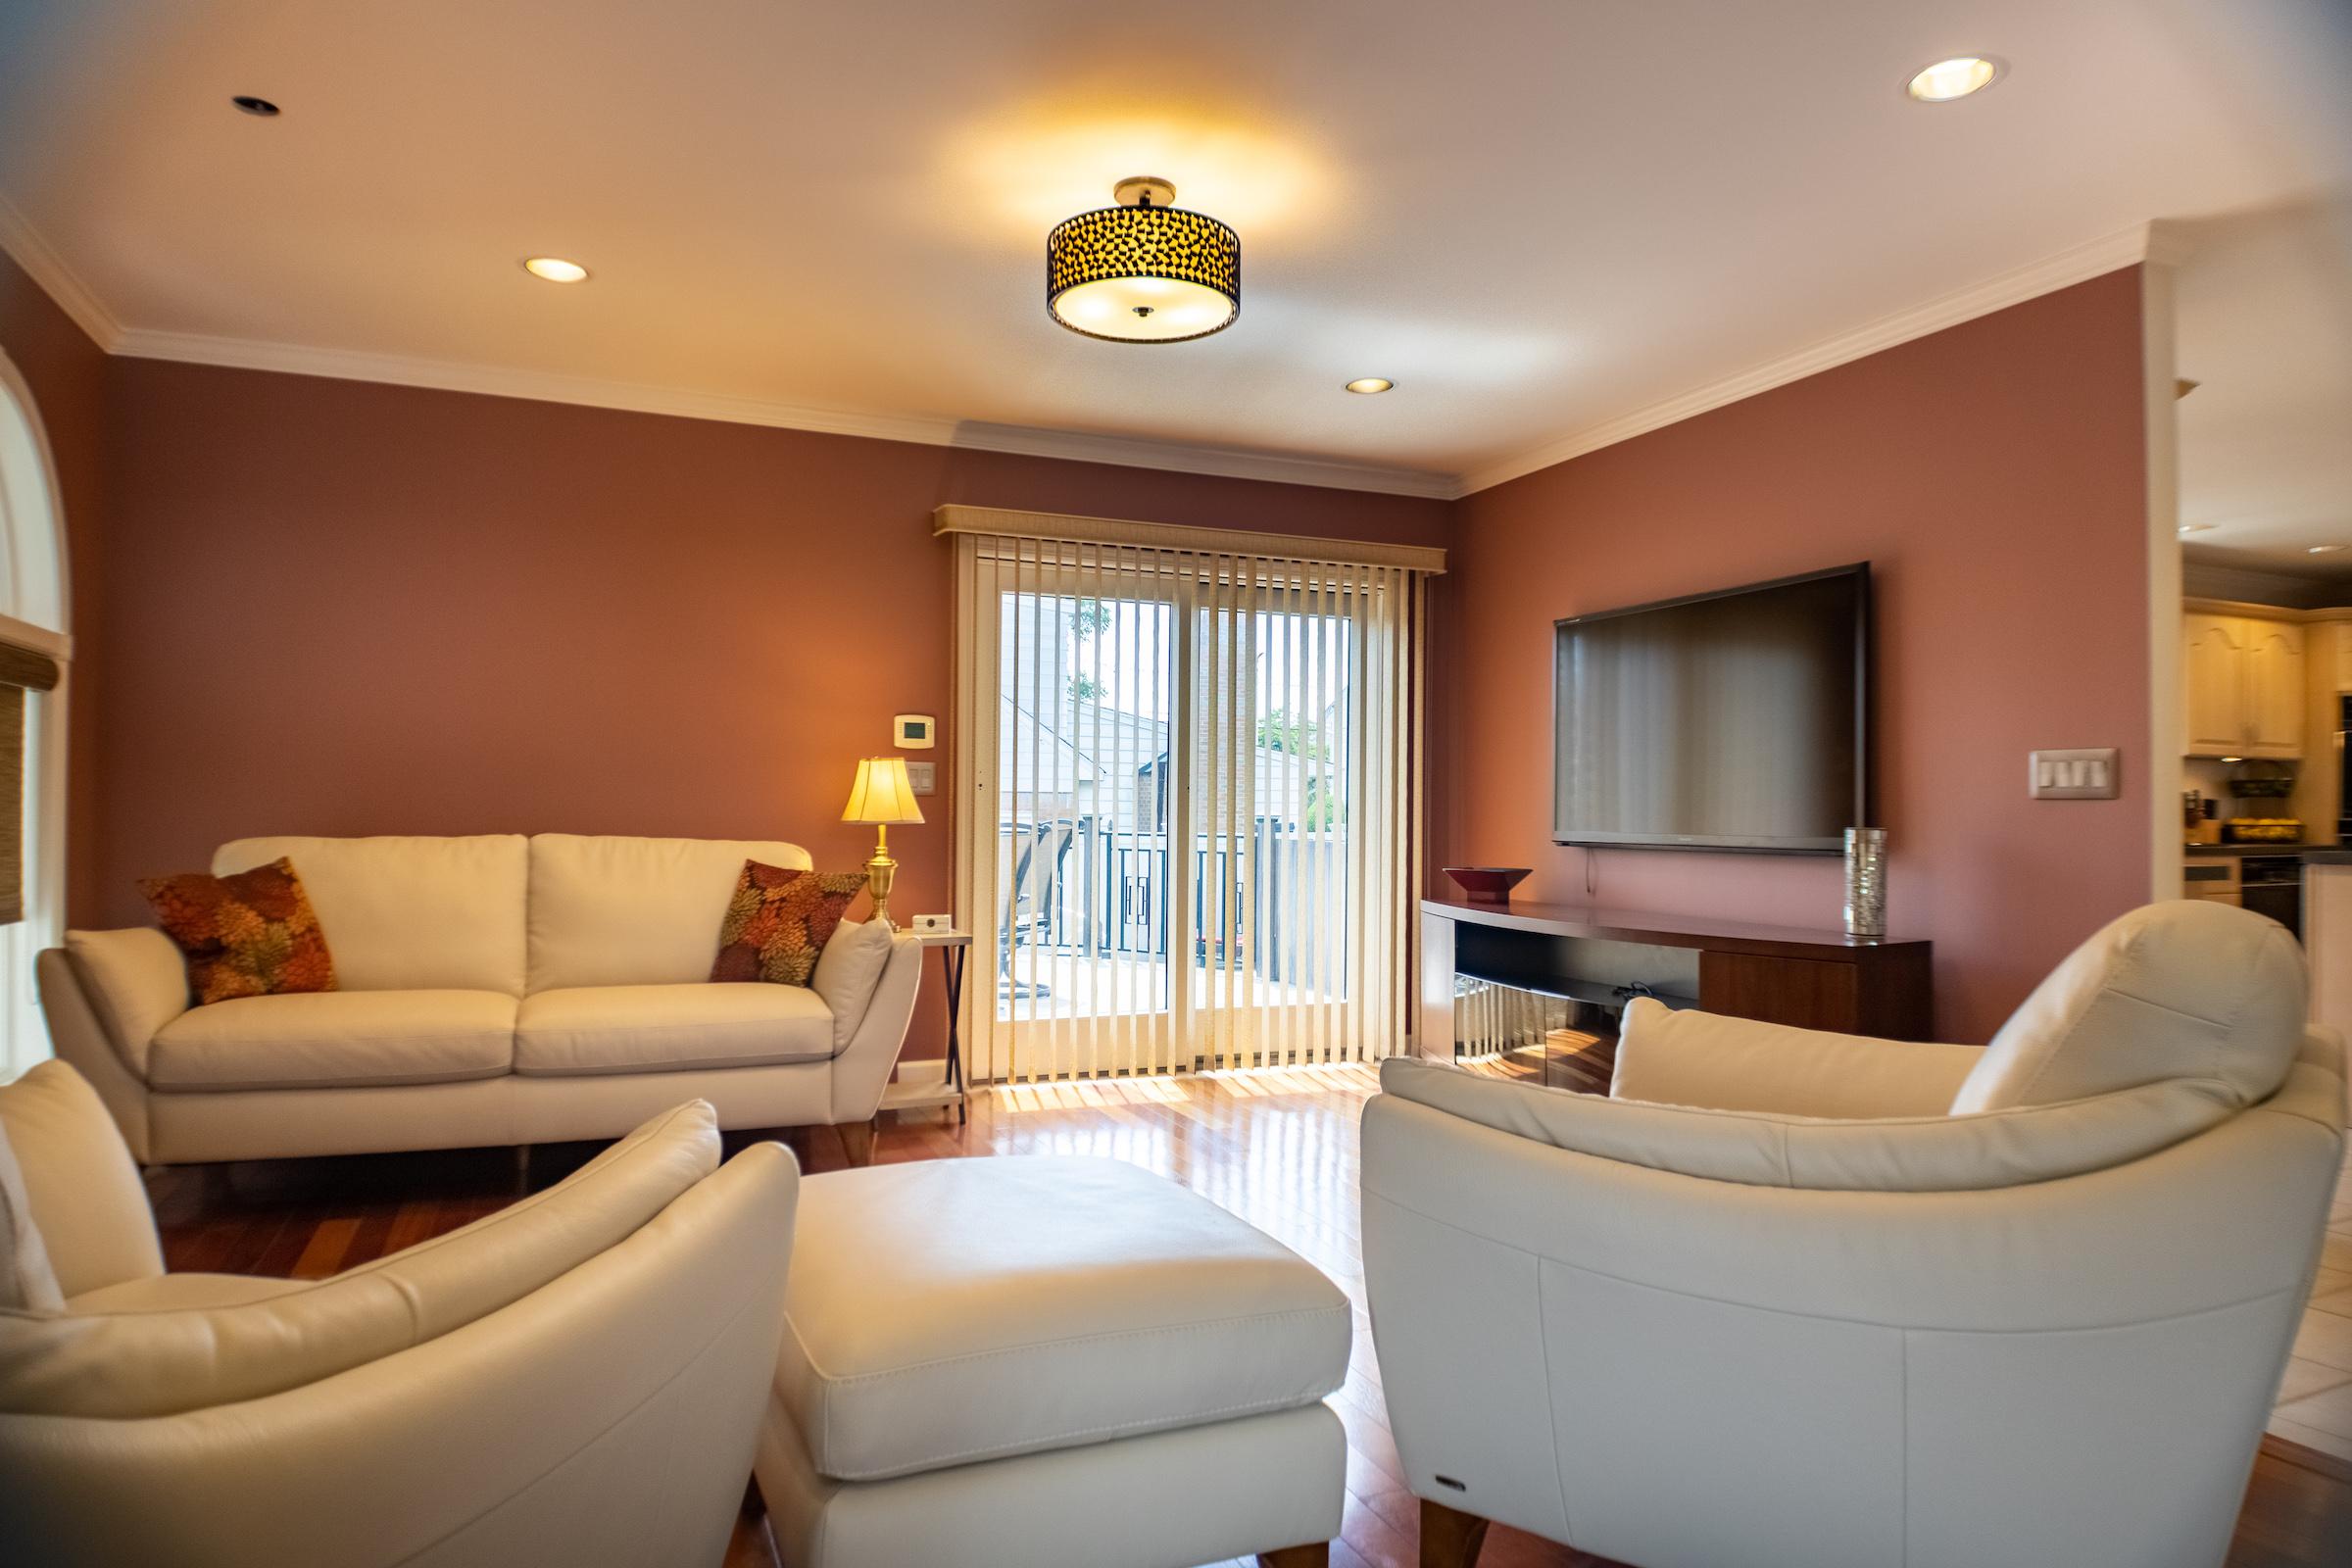 livingroomoffkitchen.jpg